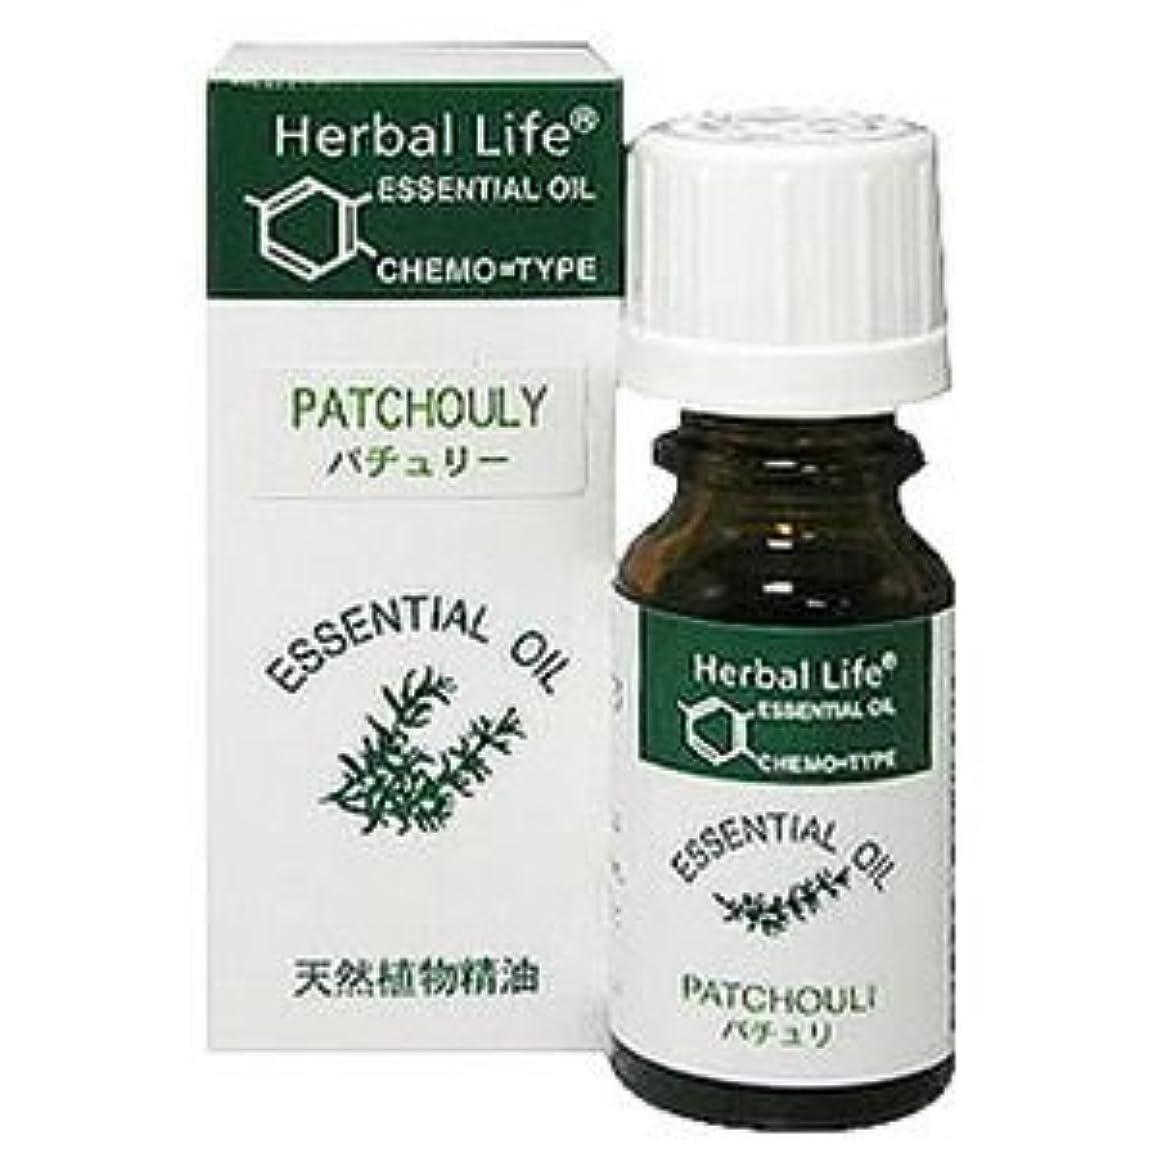 ラジカル考古学者存在Herbal Life パチュリー 10ml